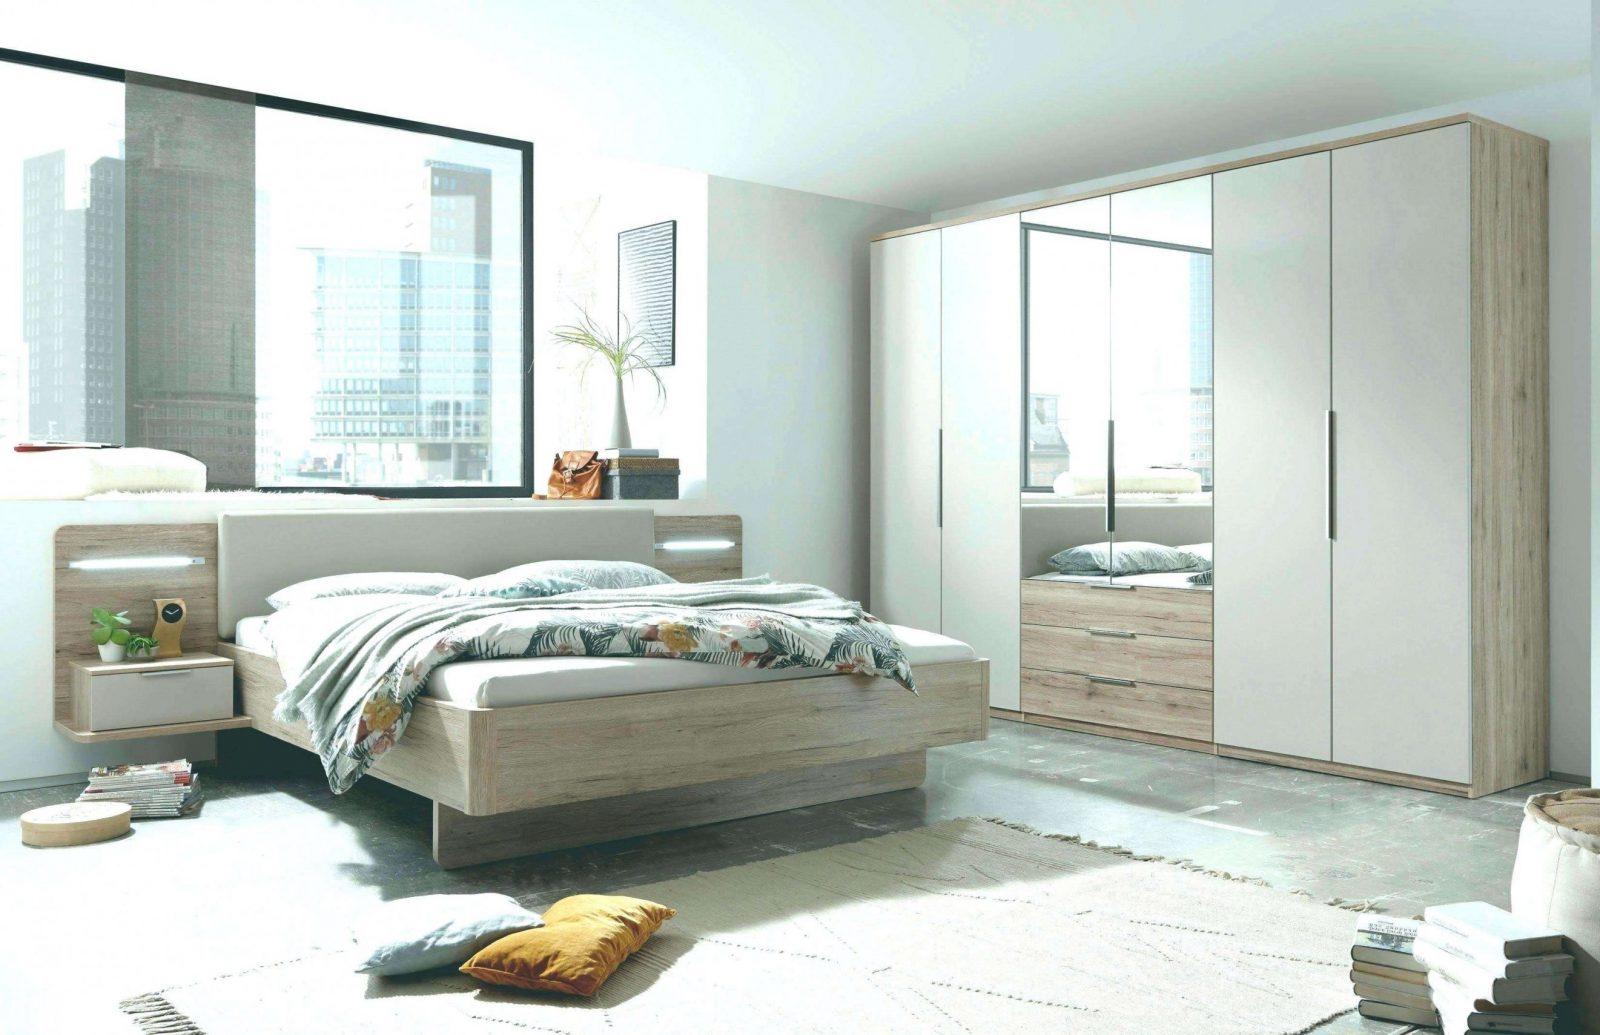 45 Frisch Zimmer Deko Ideen Bild Ideen Von Kleines Schlafzimmer Ideen von Ideen Für Kleine Schlafzimmer Photo